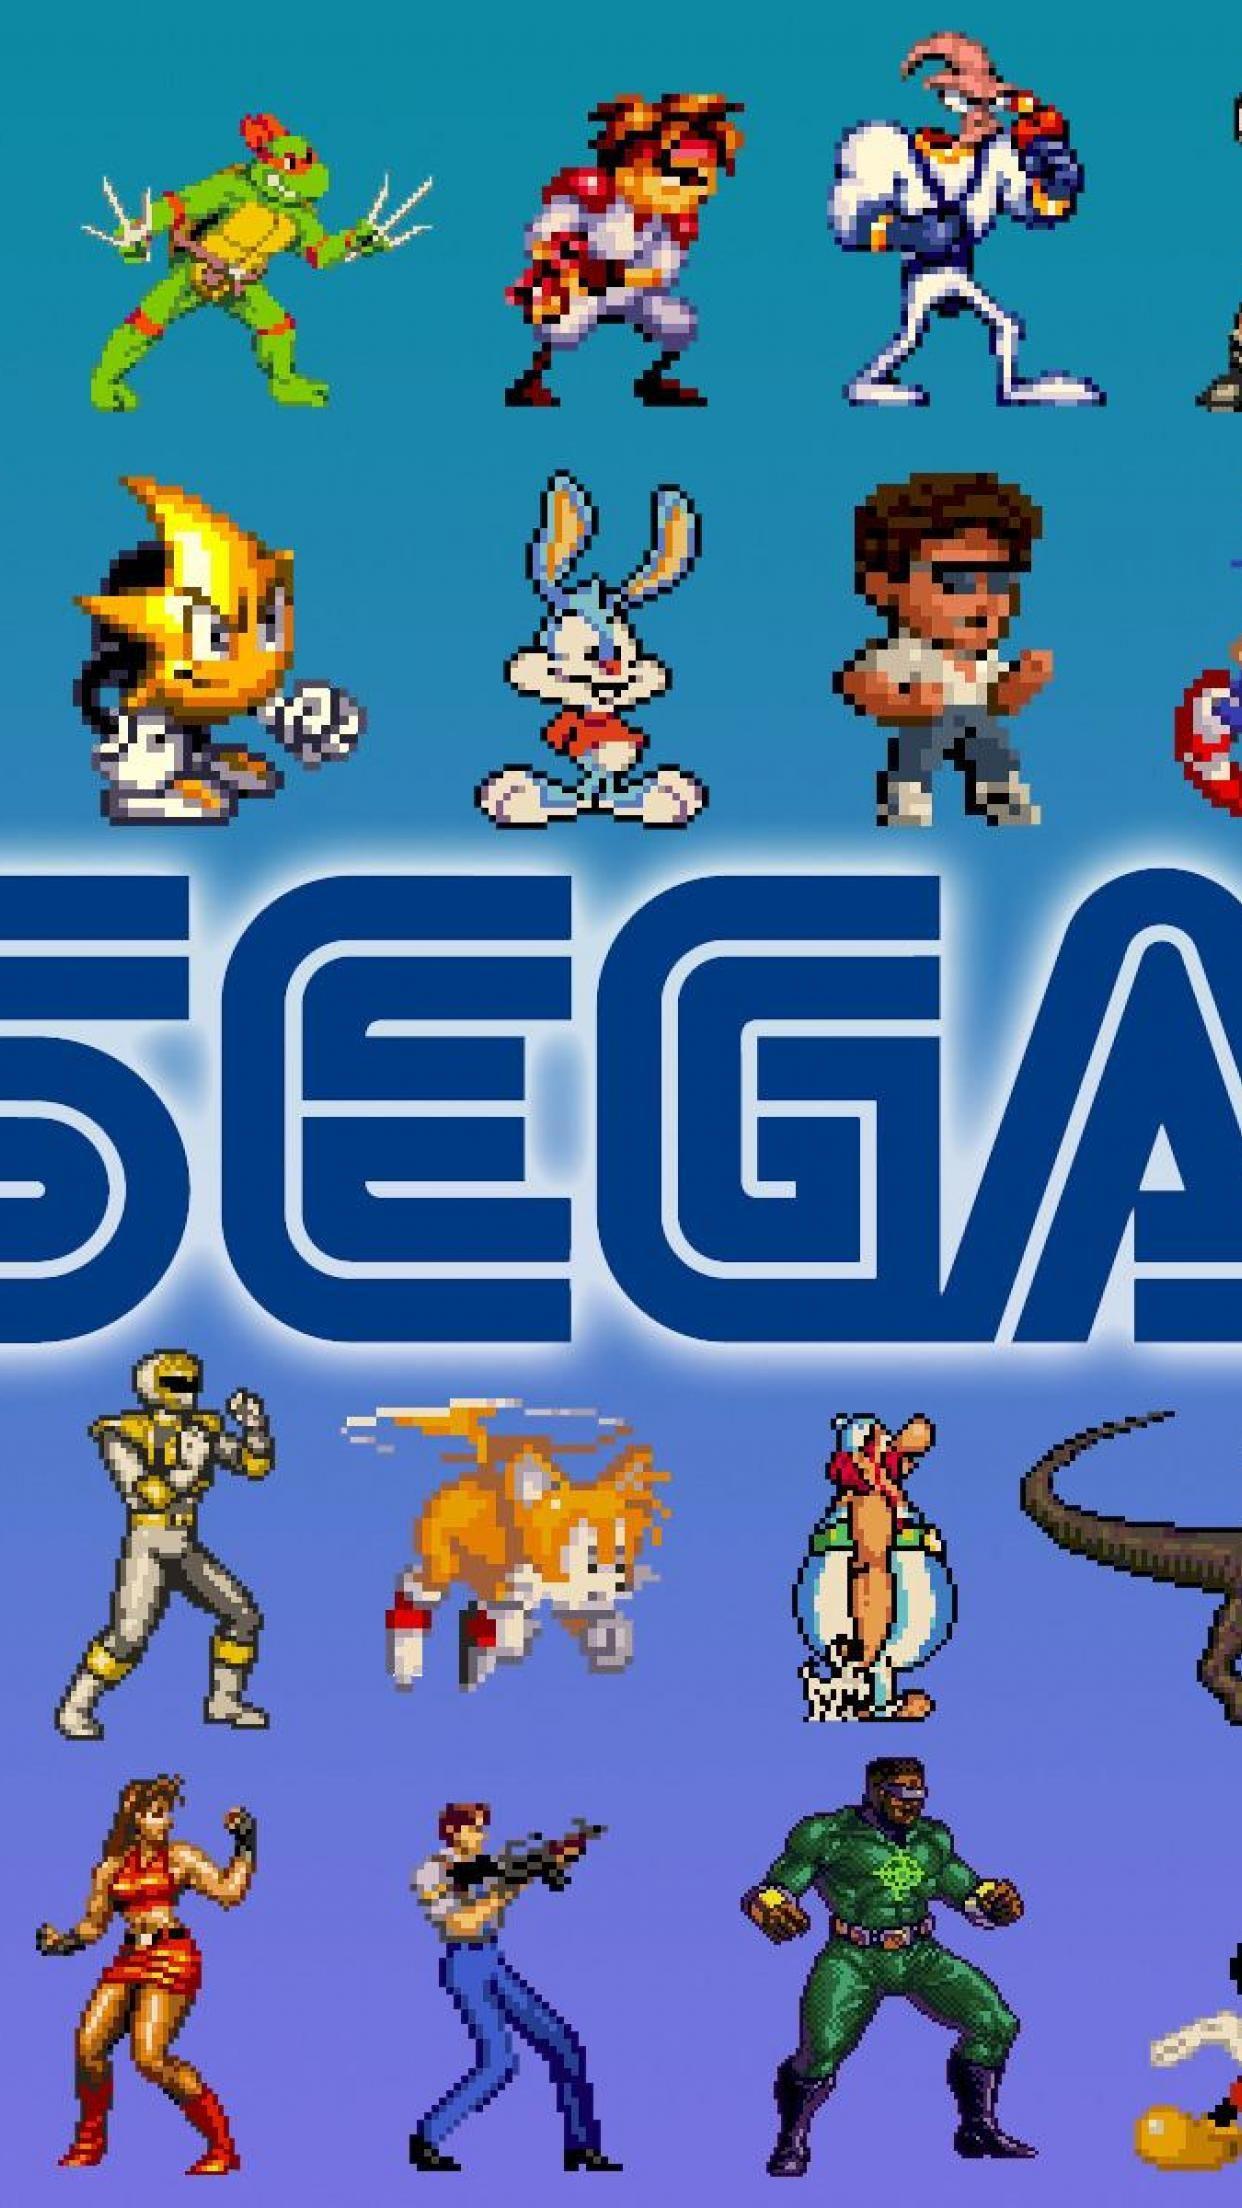 Sega iPhone Wallpapers - Top Free Sega iPhone Backgrounds